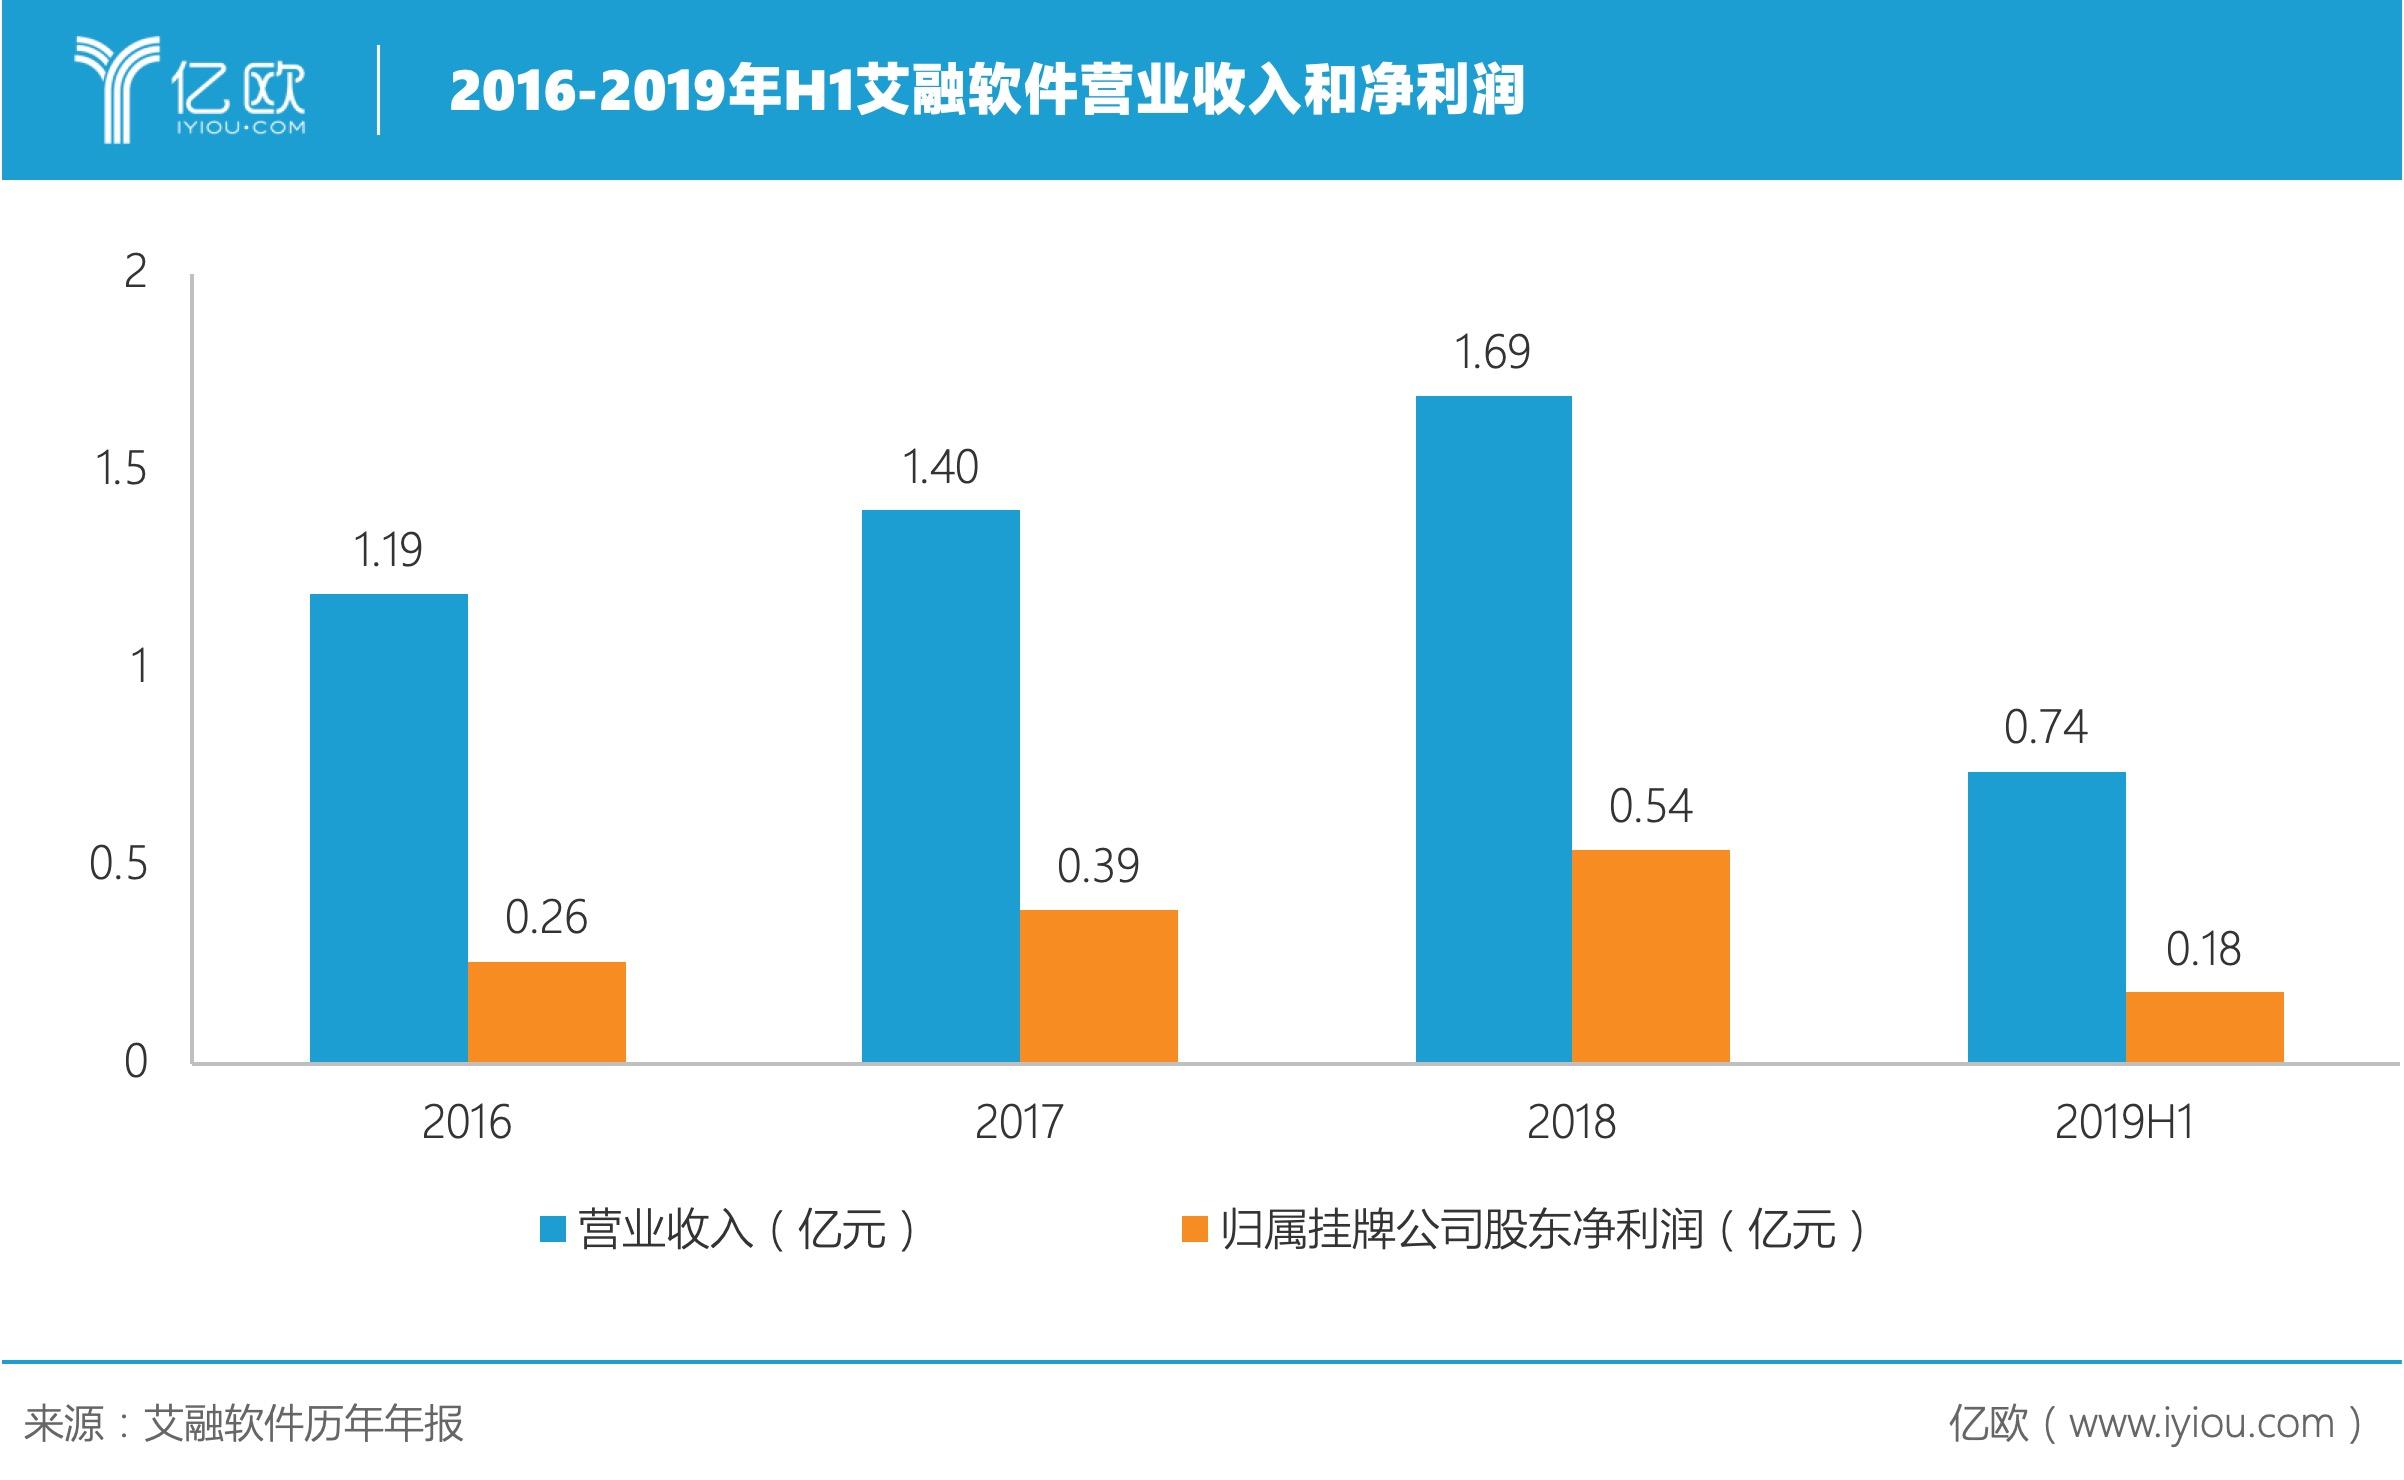 2016-2019年H1艾融软件营业收入和净利润。jpeg